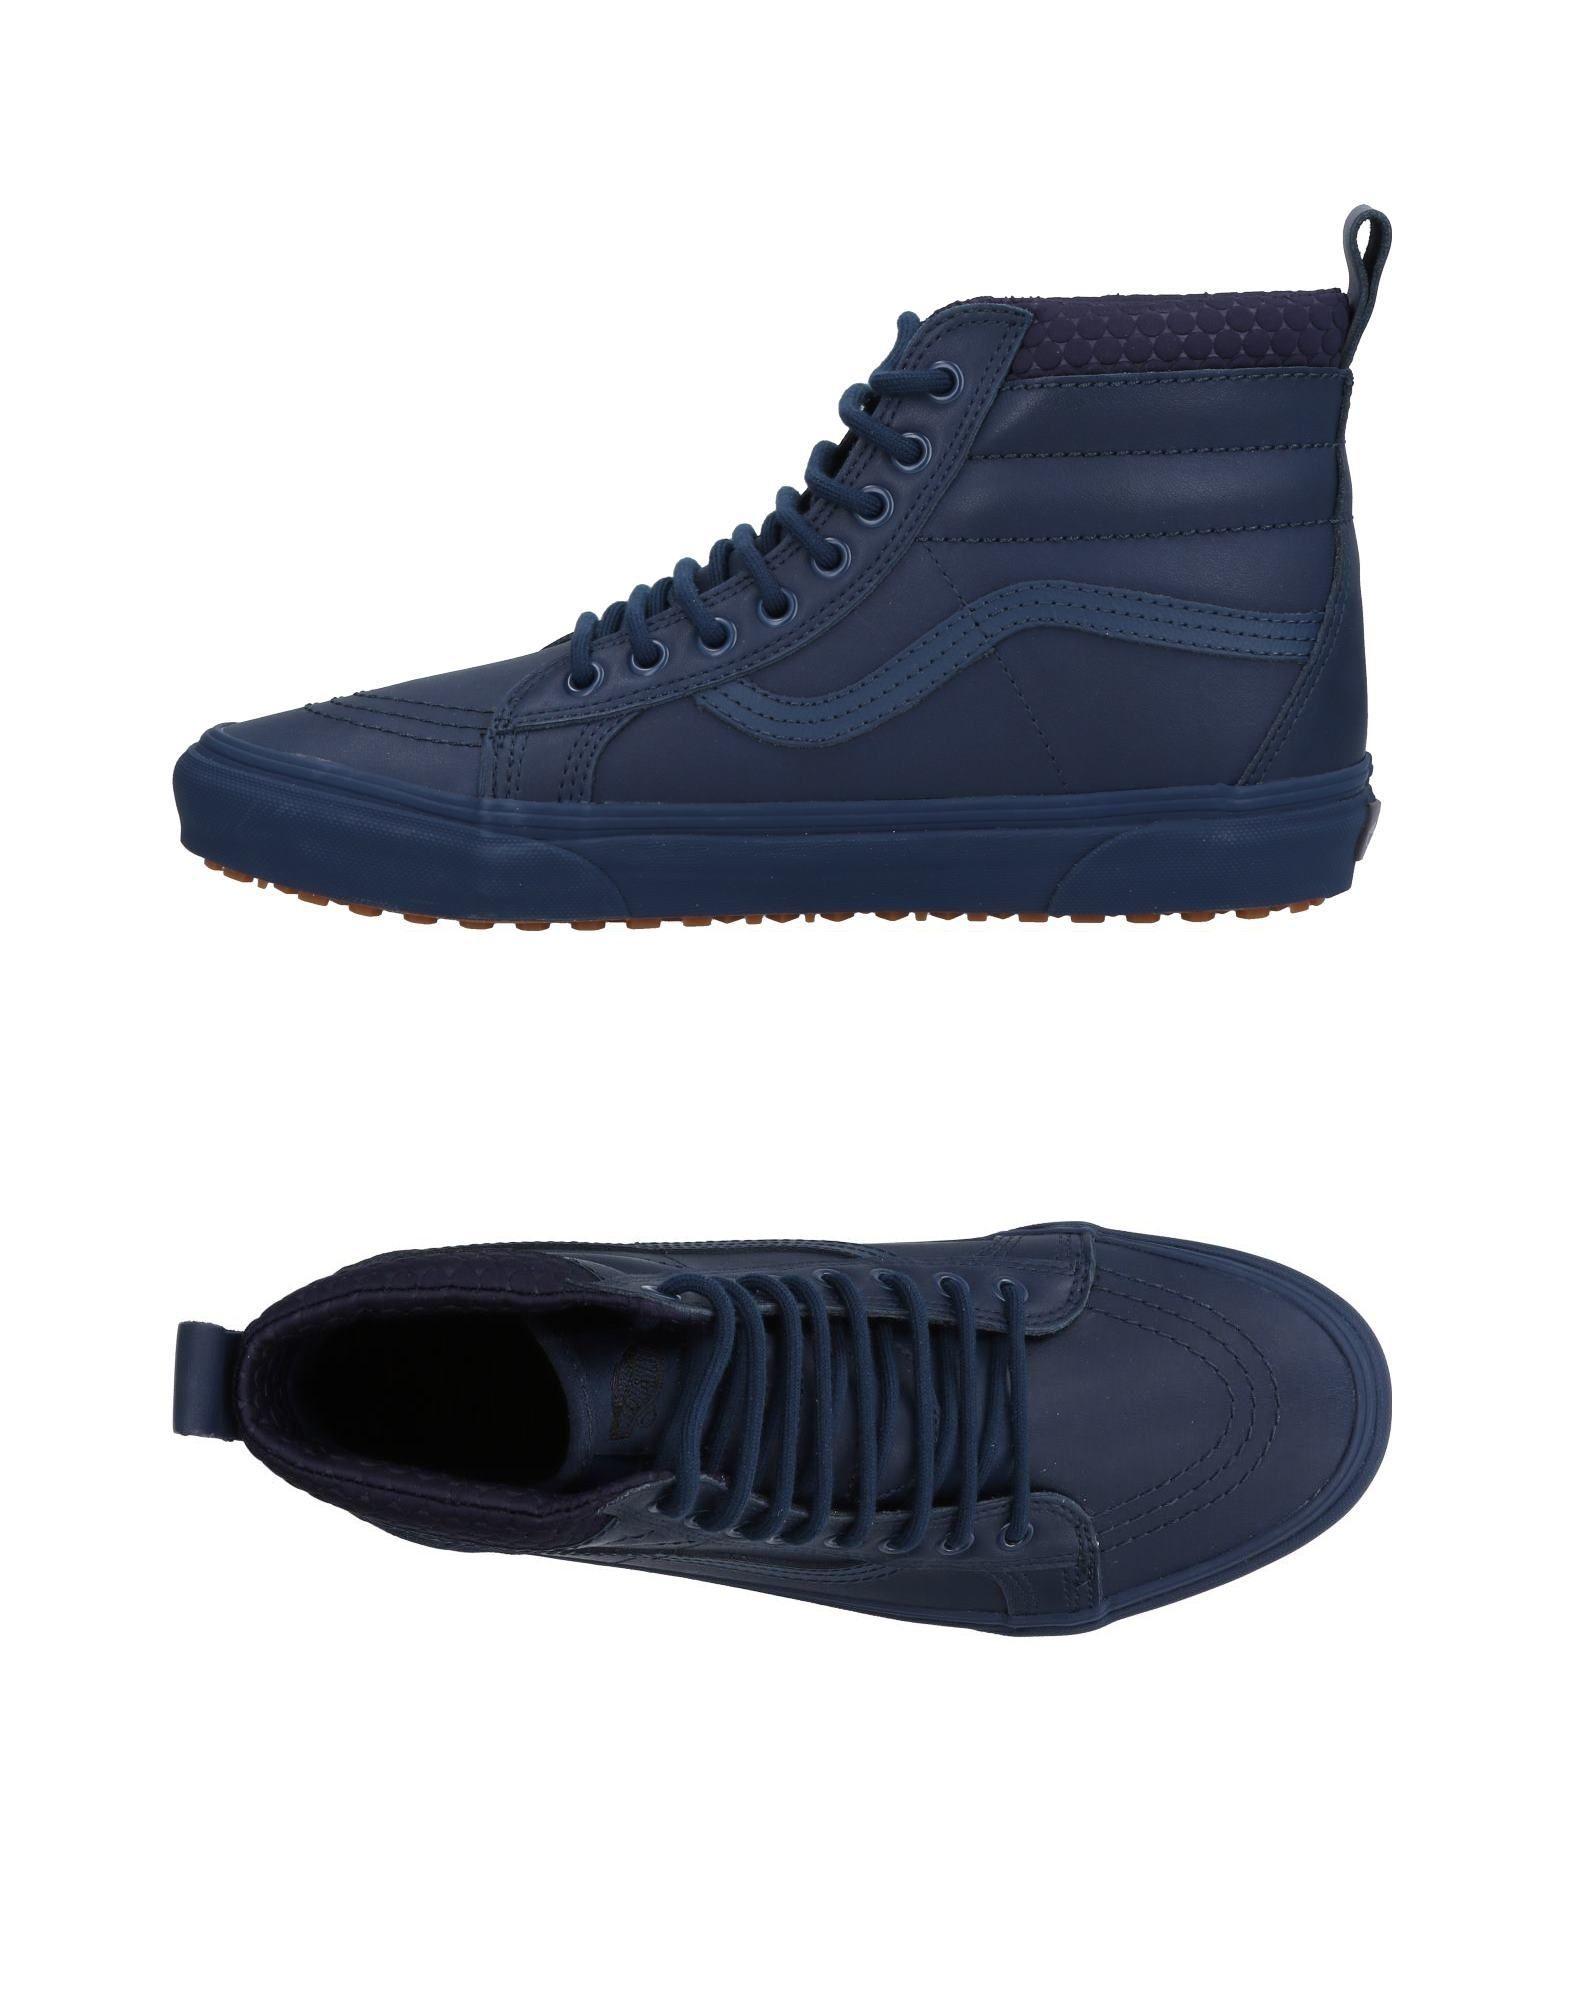 Vans Sneakers Herren  11493389GO Heiße Schuhe